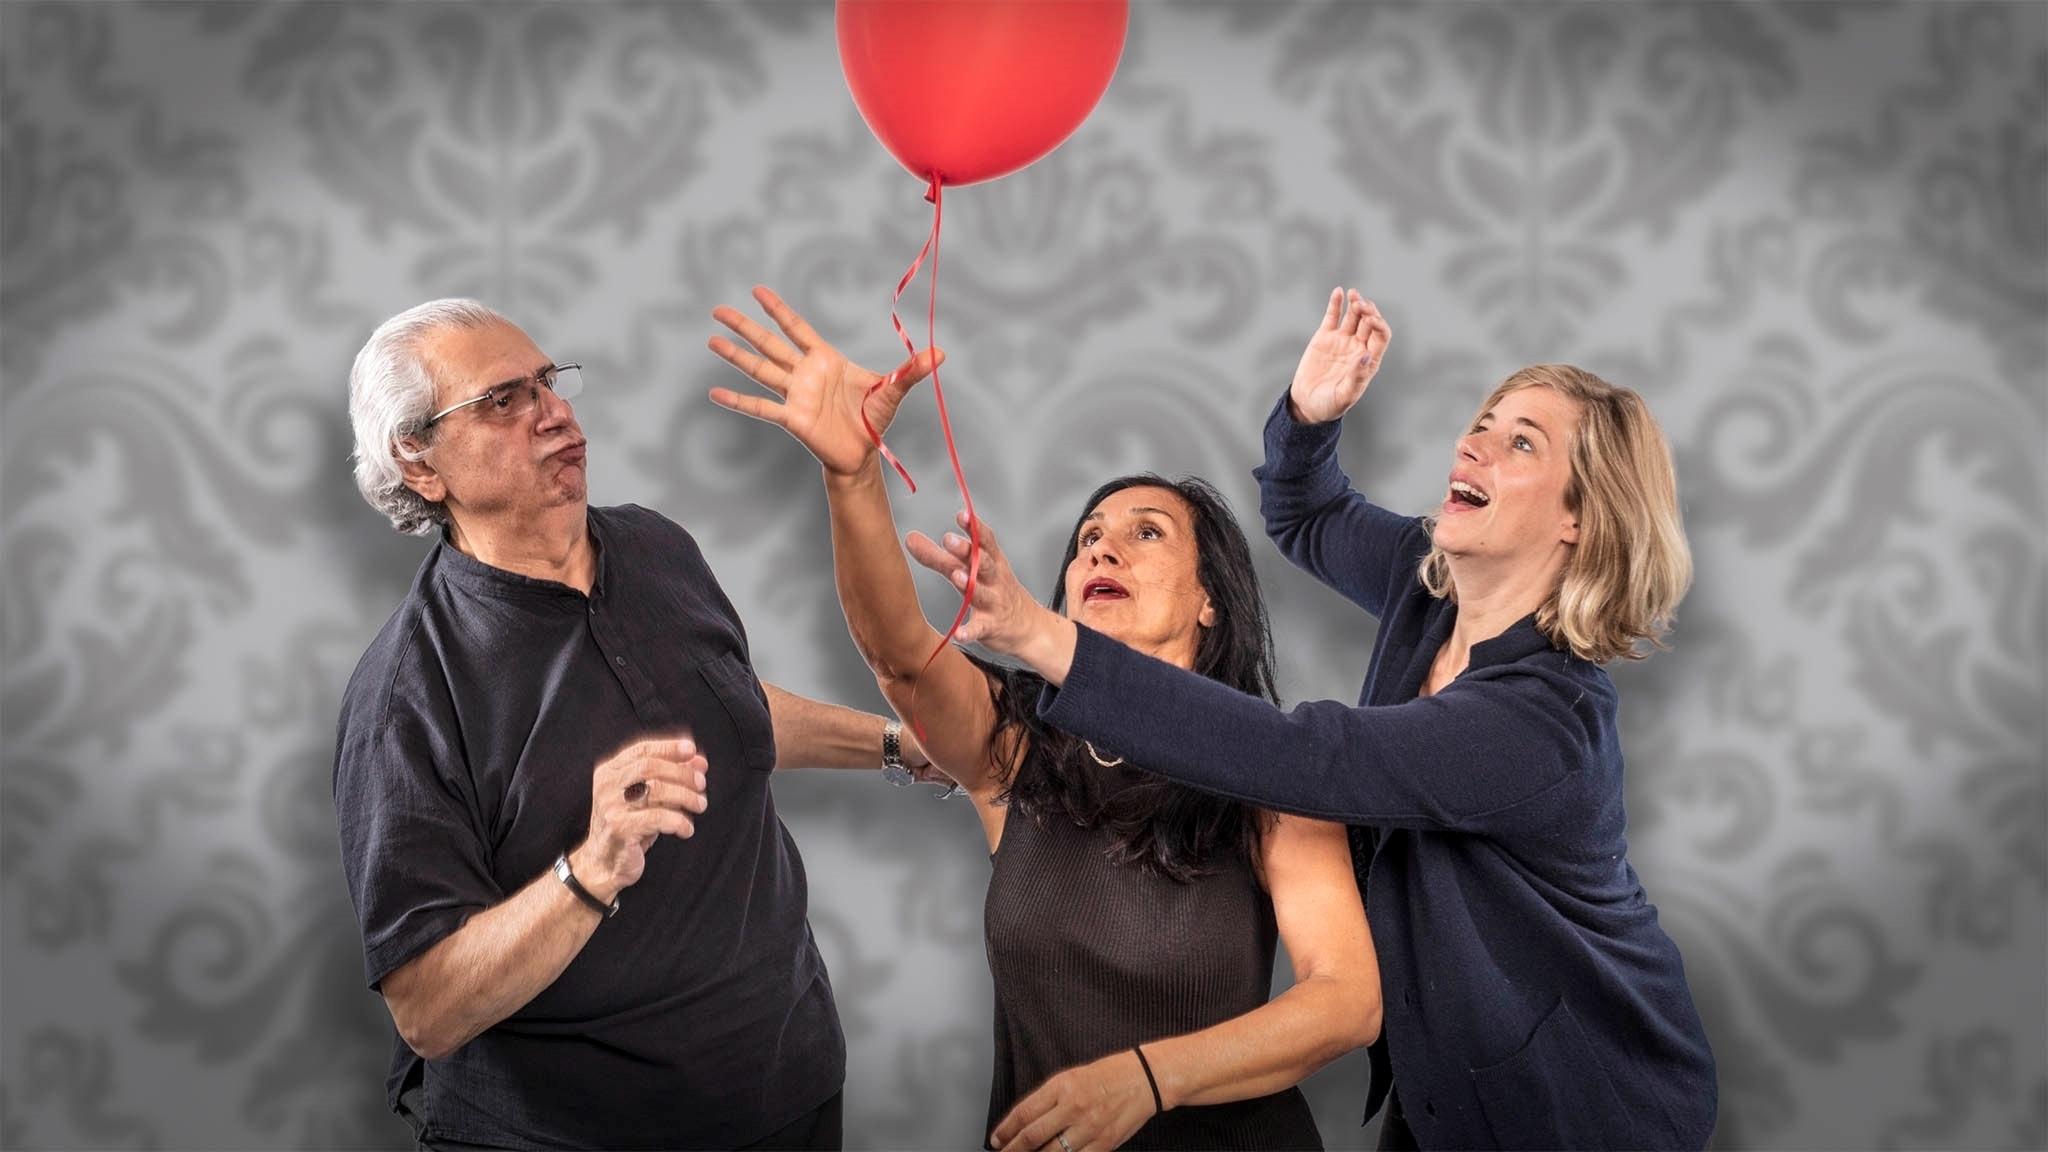 Ballongen av Marjaneh Bakhtiari